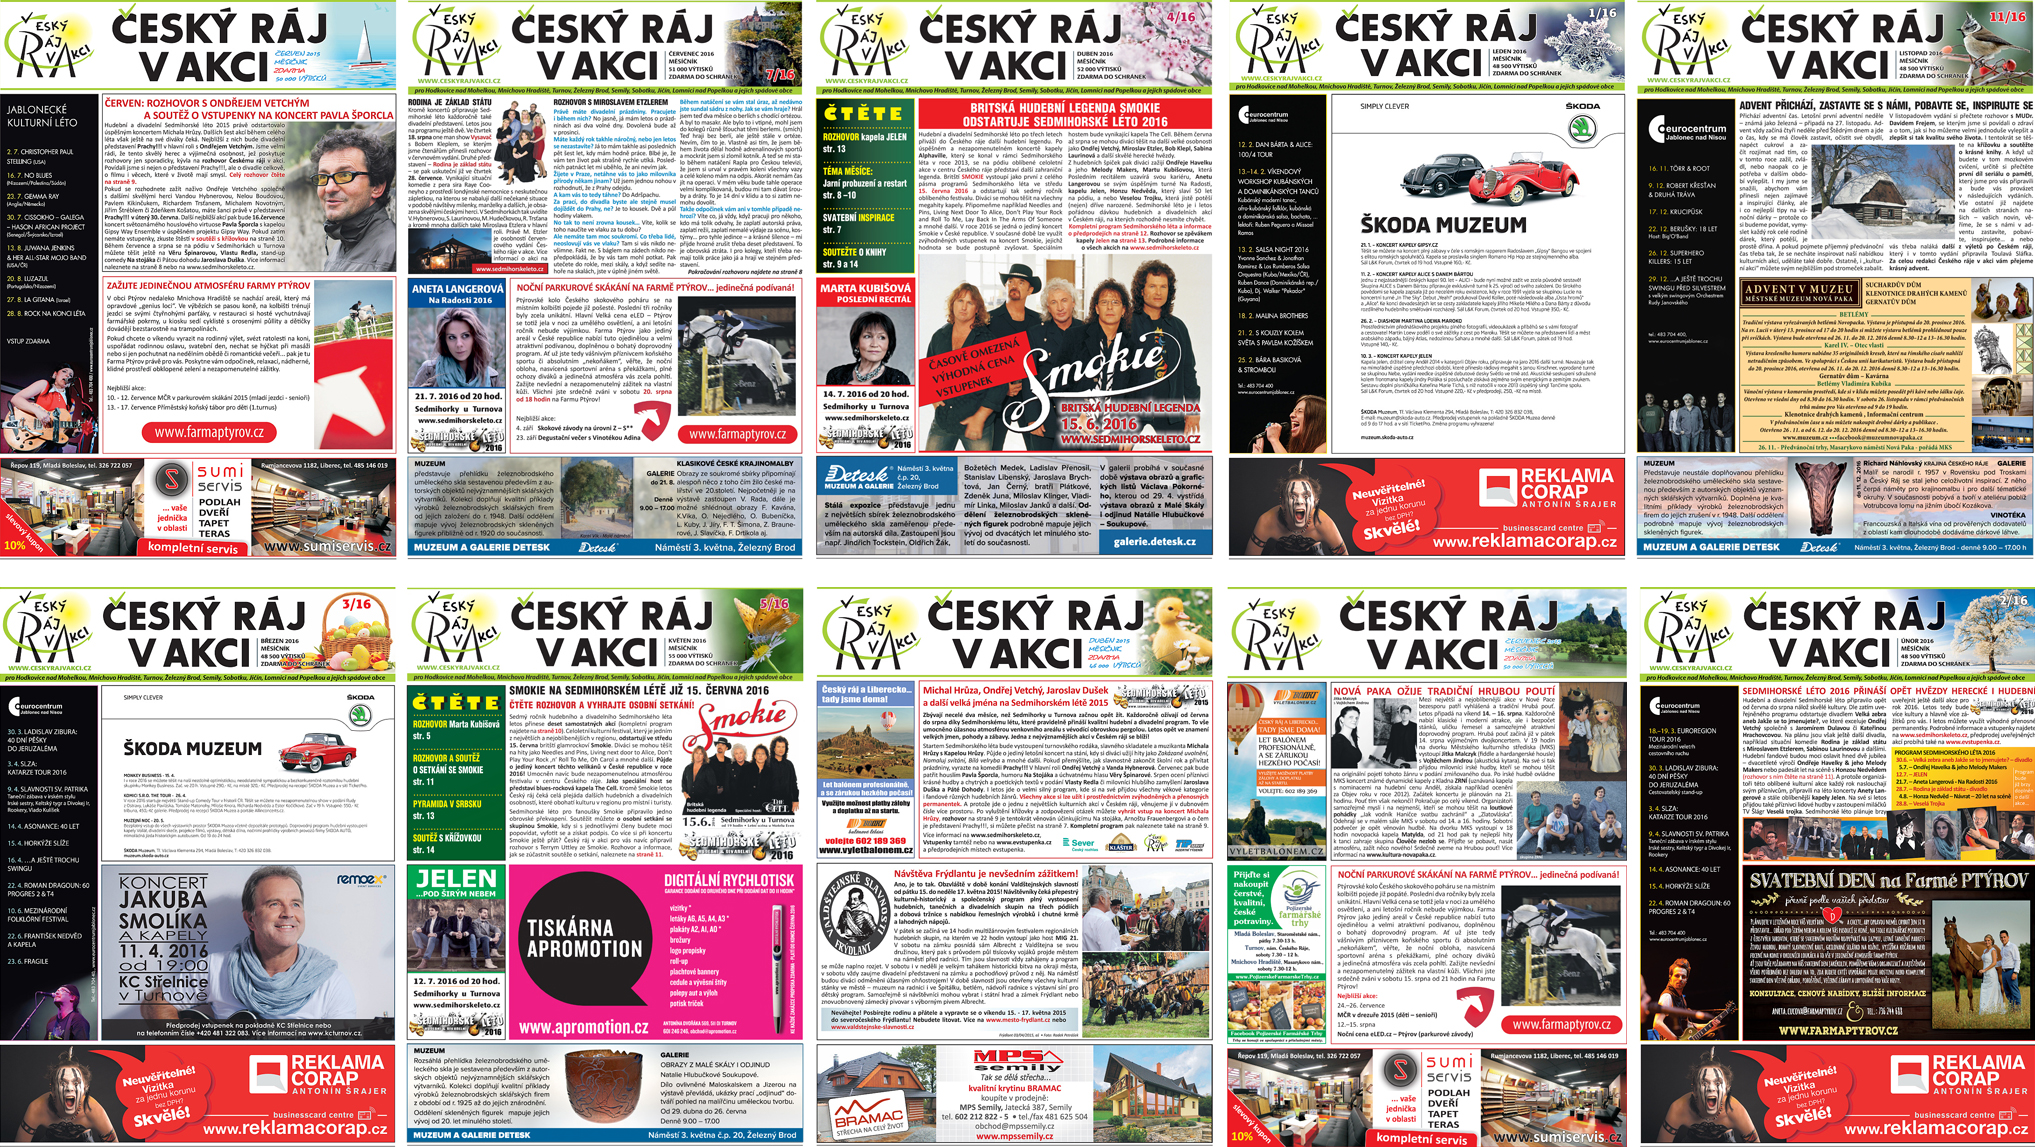 český ráj v akci - vydání novin - distribuce - do schránky